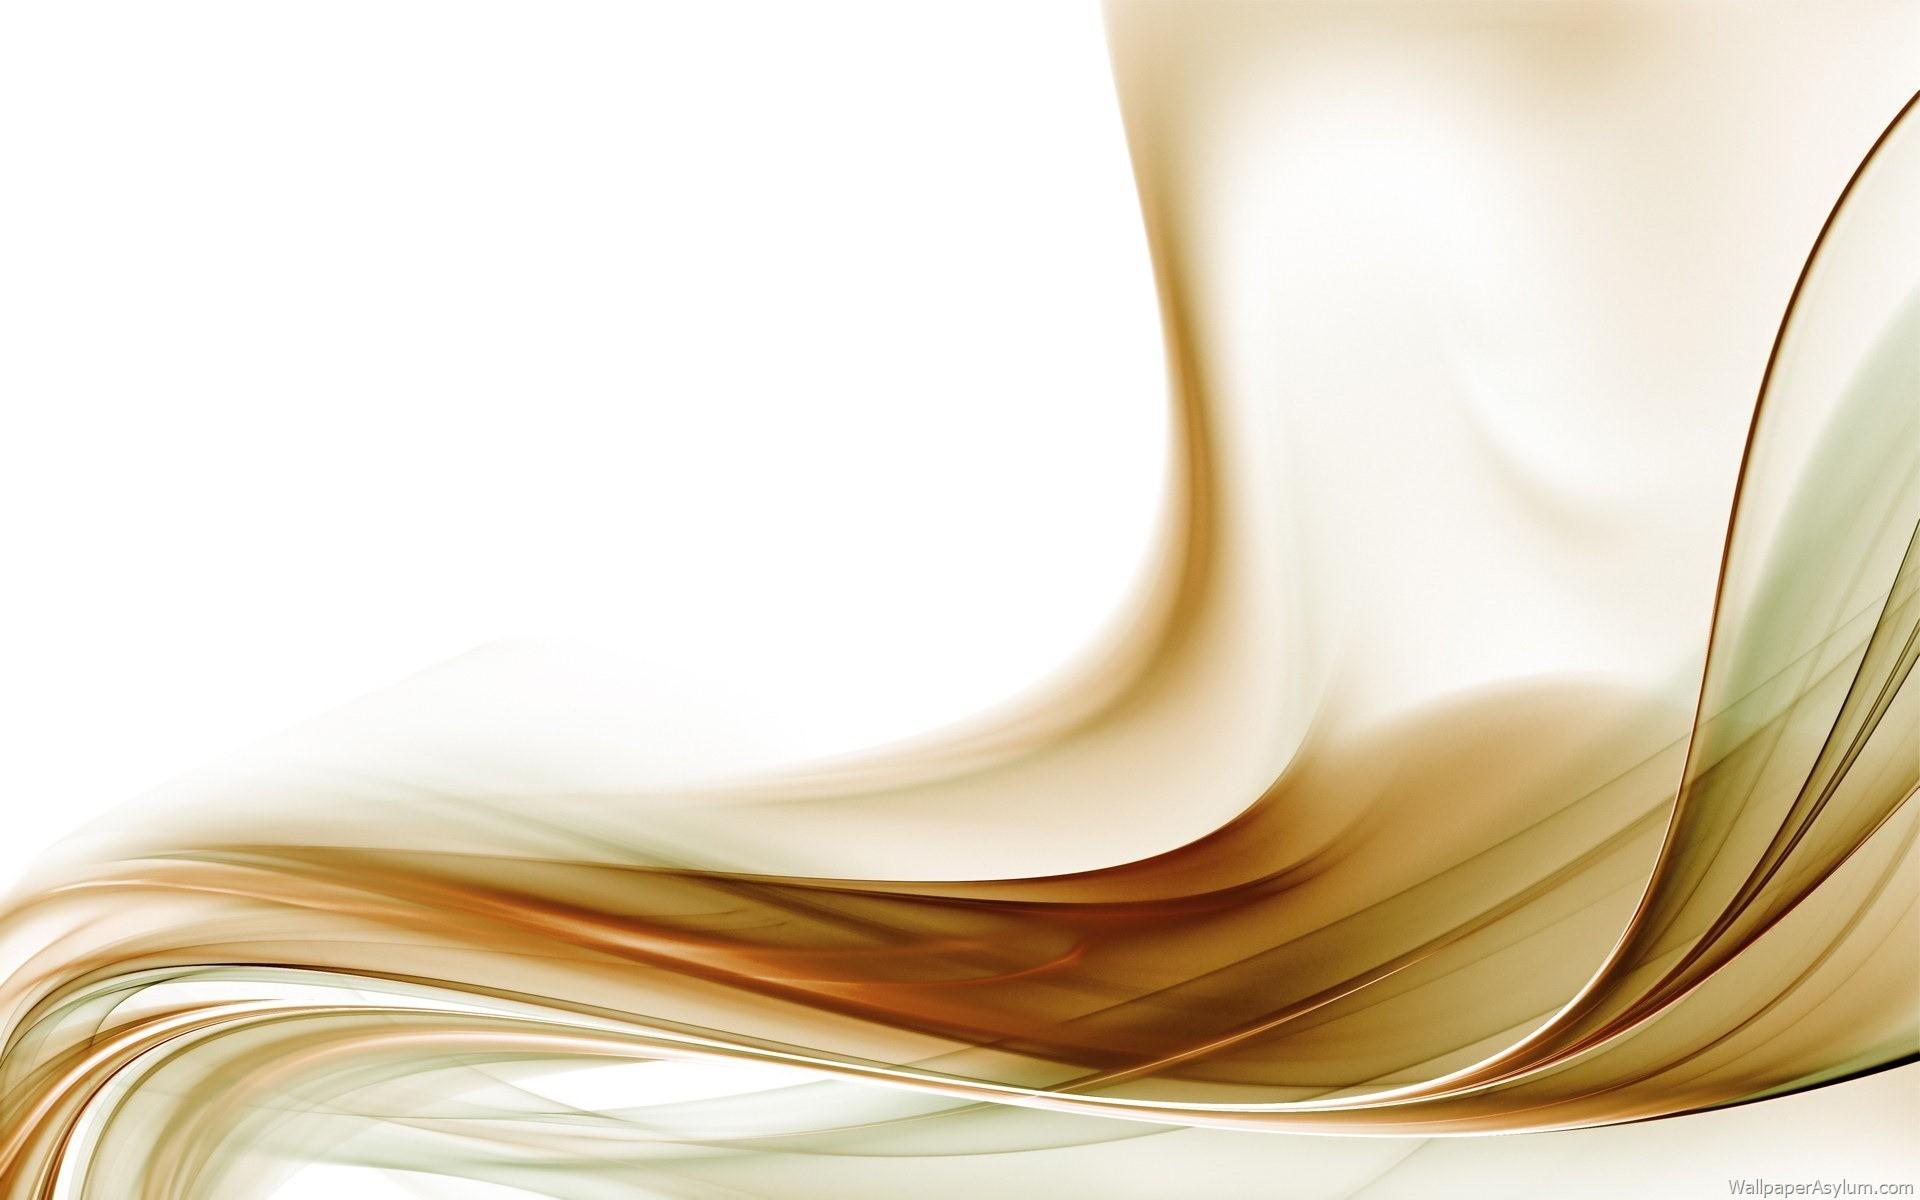 gold wallpaper 0E5 | Hd Wallpaper, Blue Wallpaper, Abstract Wallpaper,  Desktop Wallpaper, Pc Wallpaper, | Pinterest | Gold wallpaper, Wallpaper pc  and …